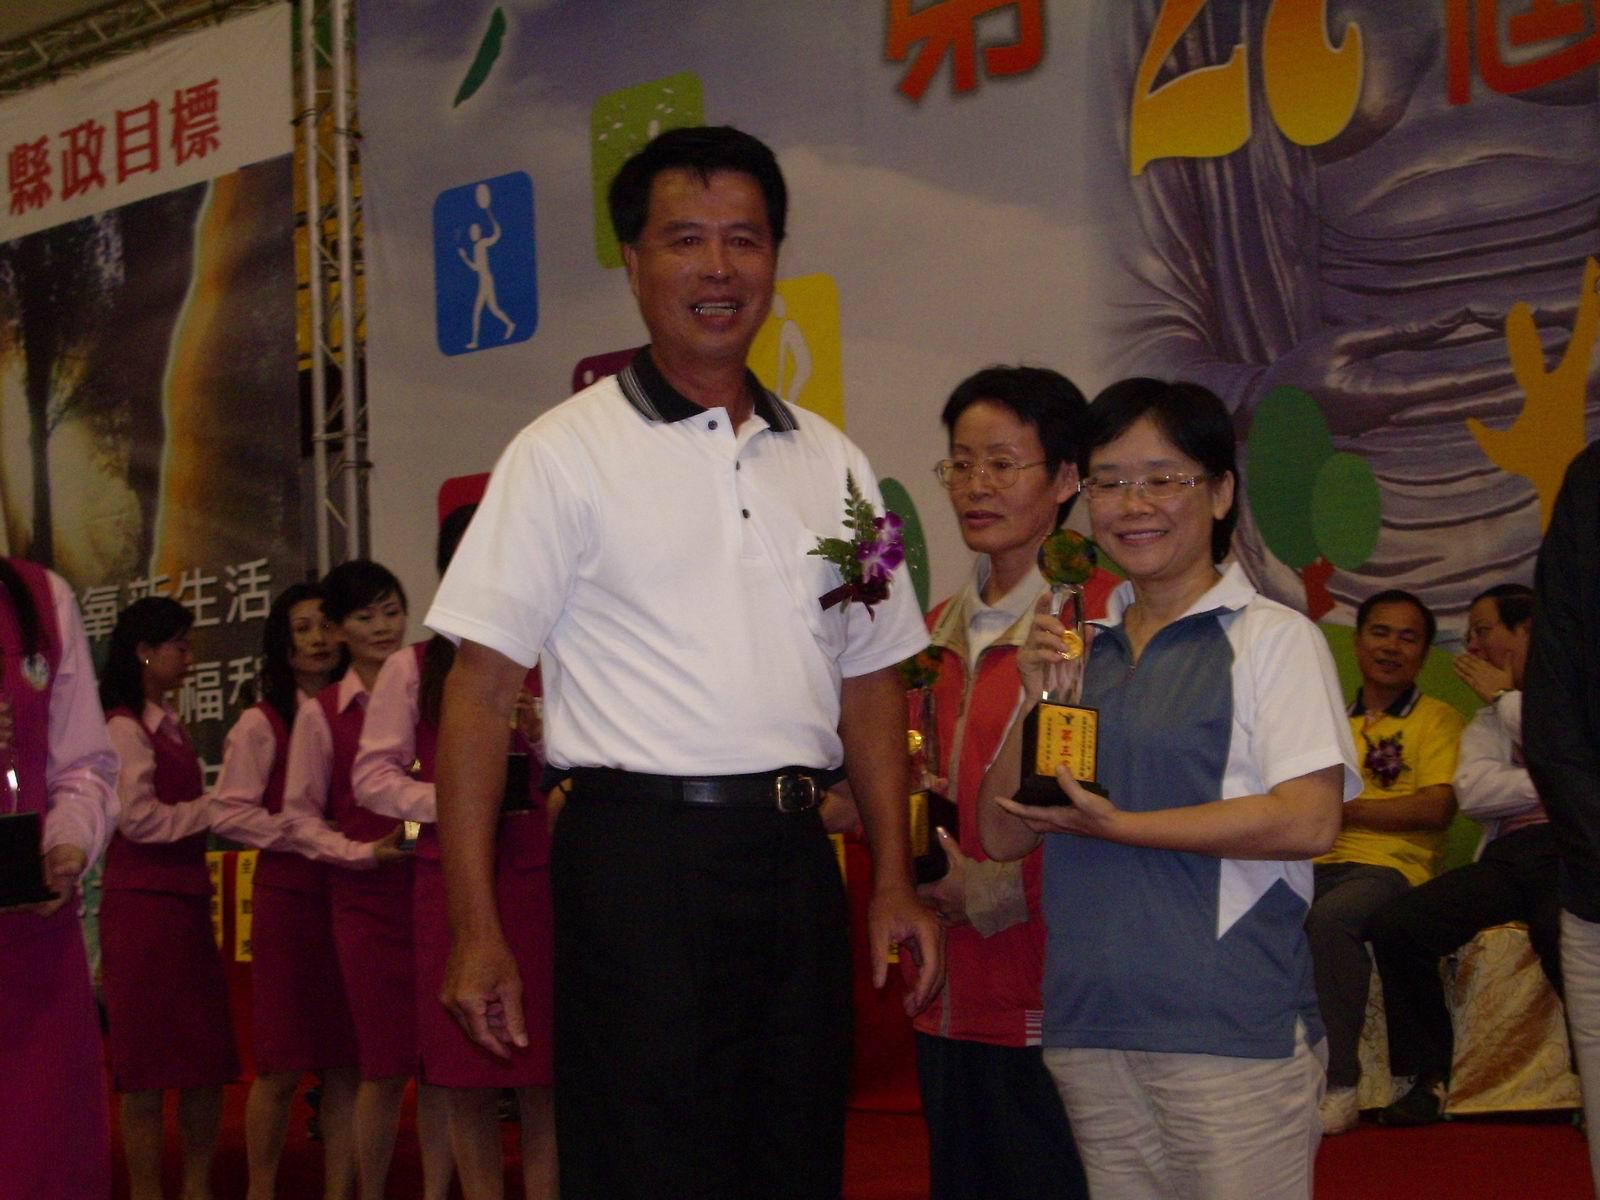 內政部榮獲女子桌球第三名